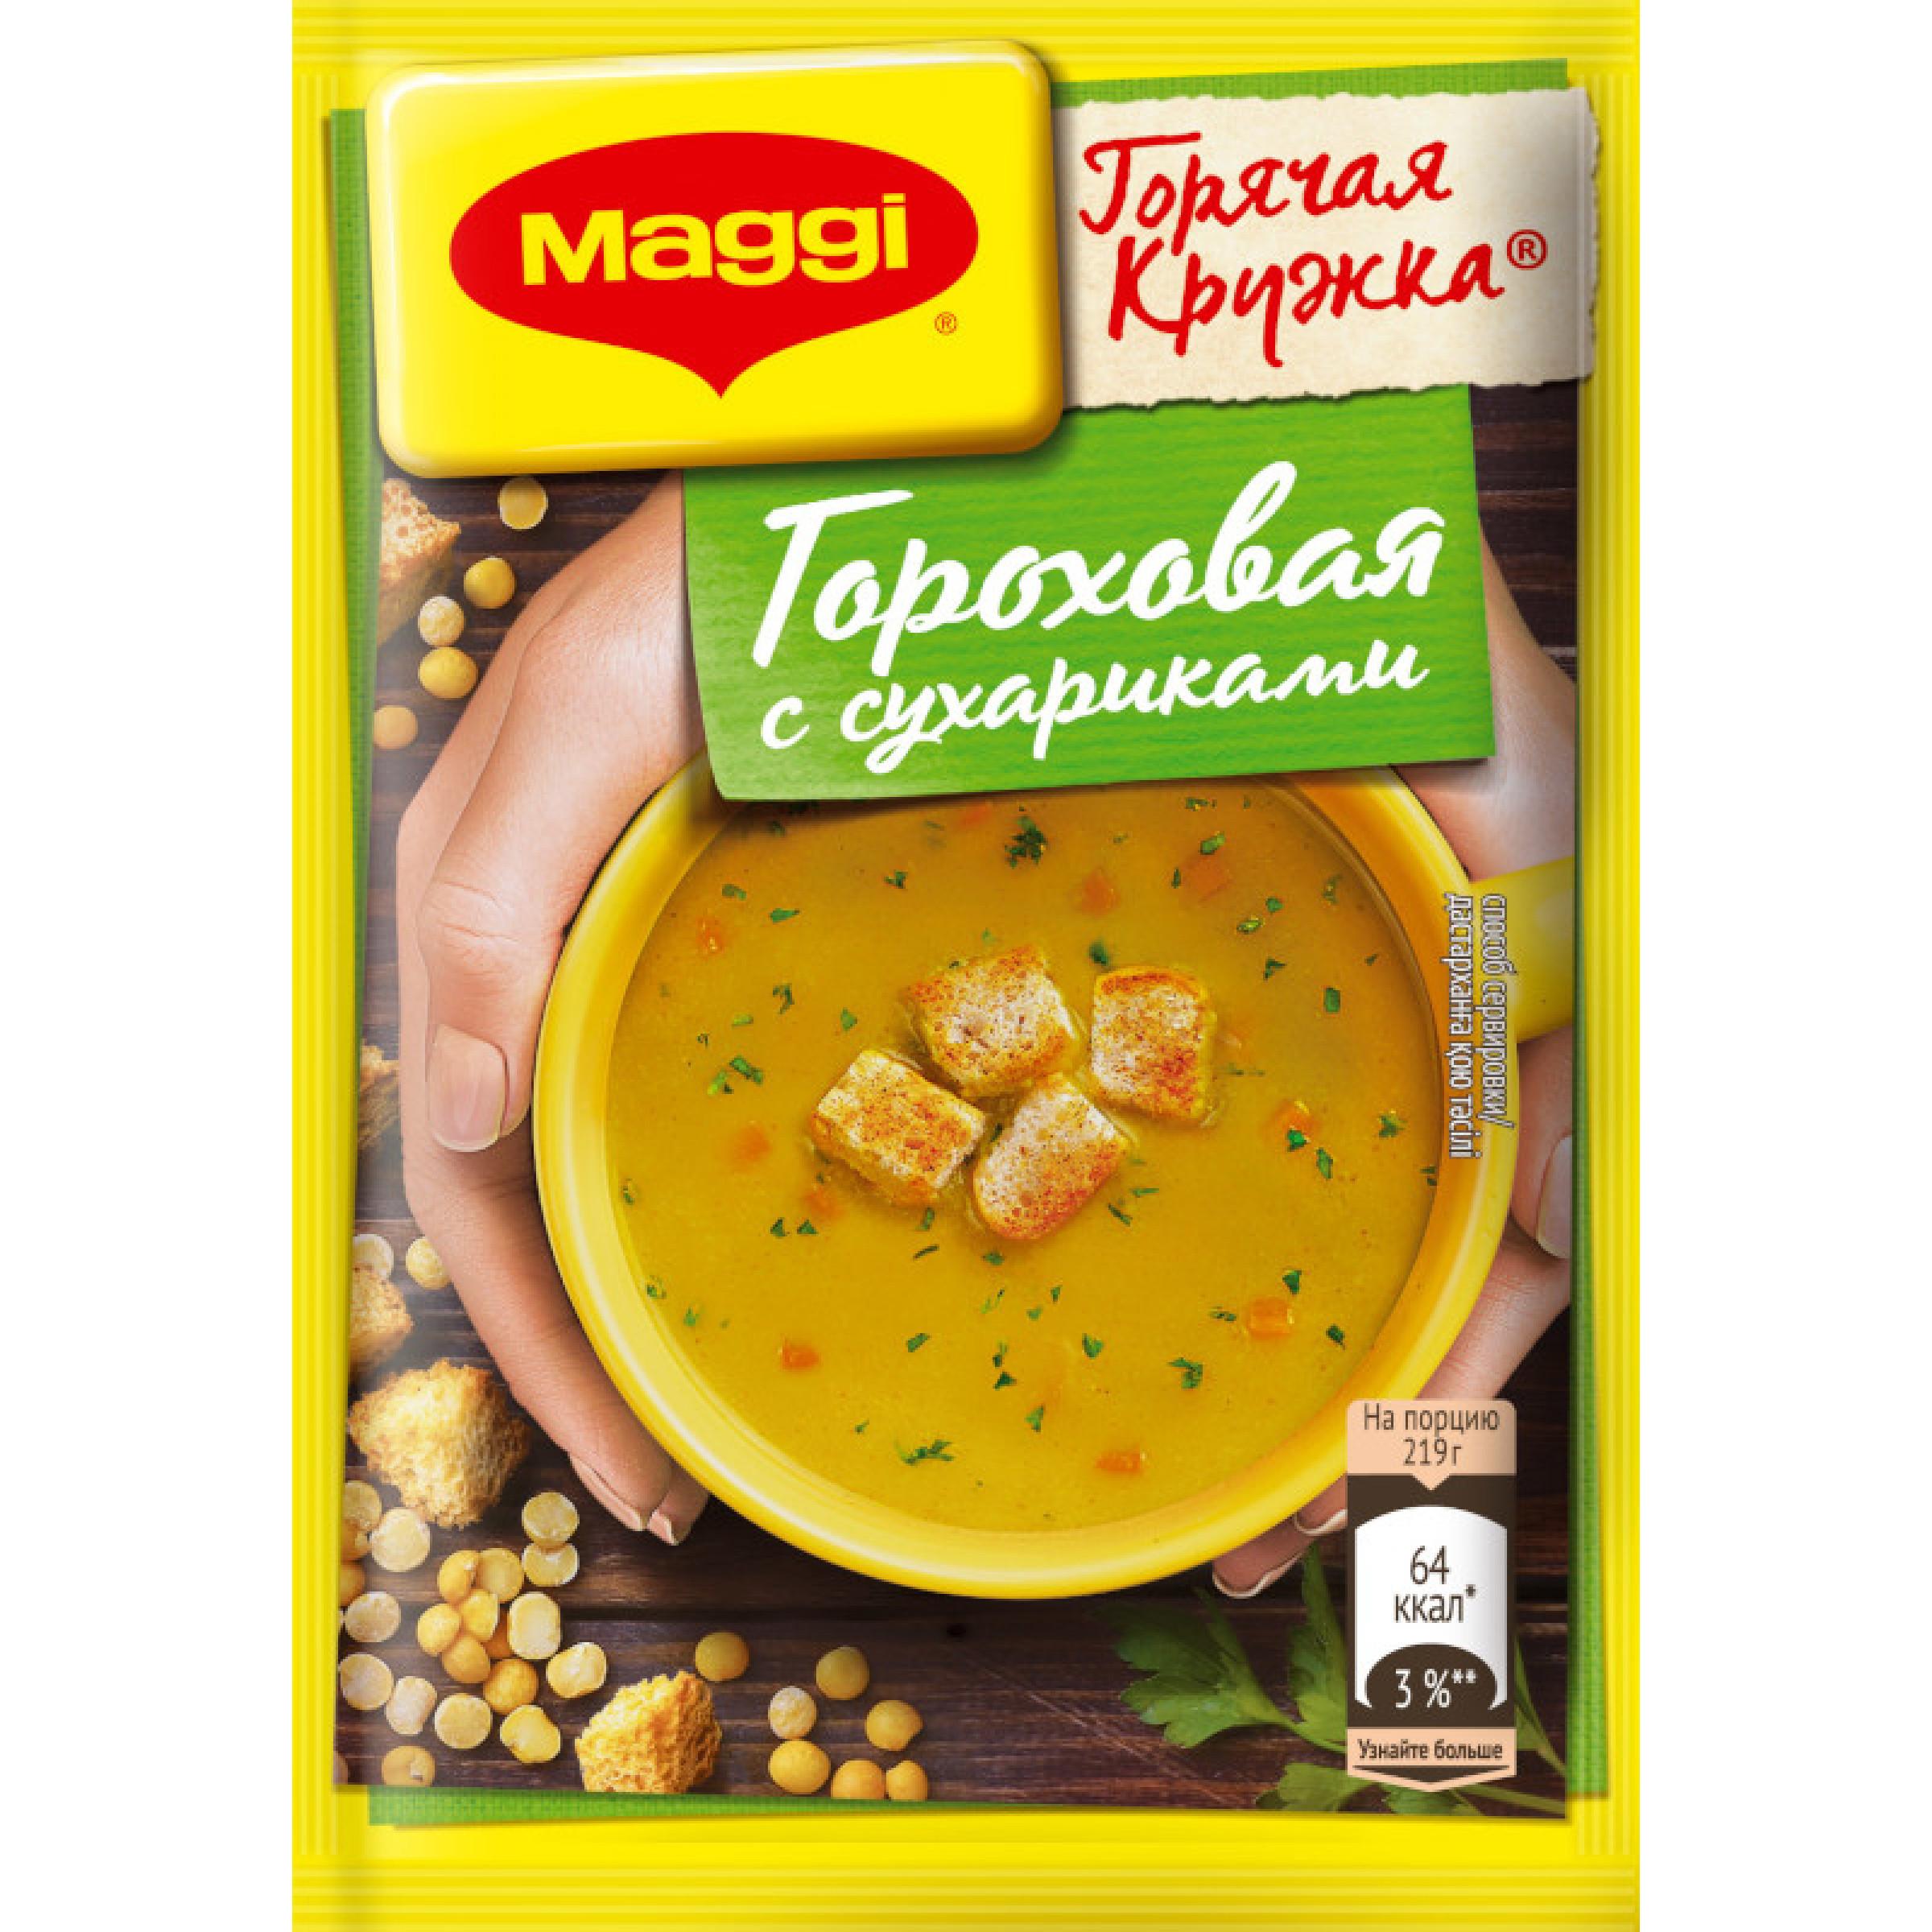 MAGGI® Горячая кружка® гороховая с сухариками, 19 гр